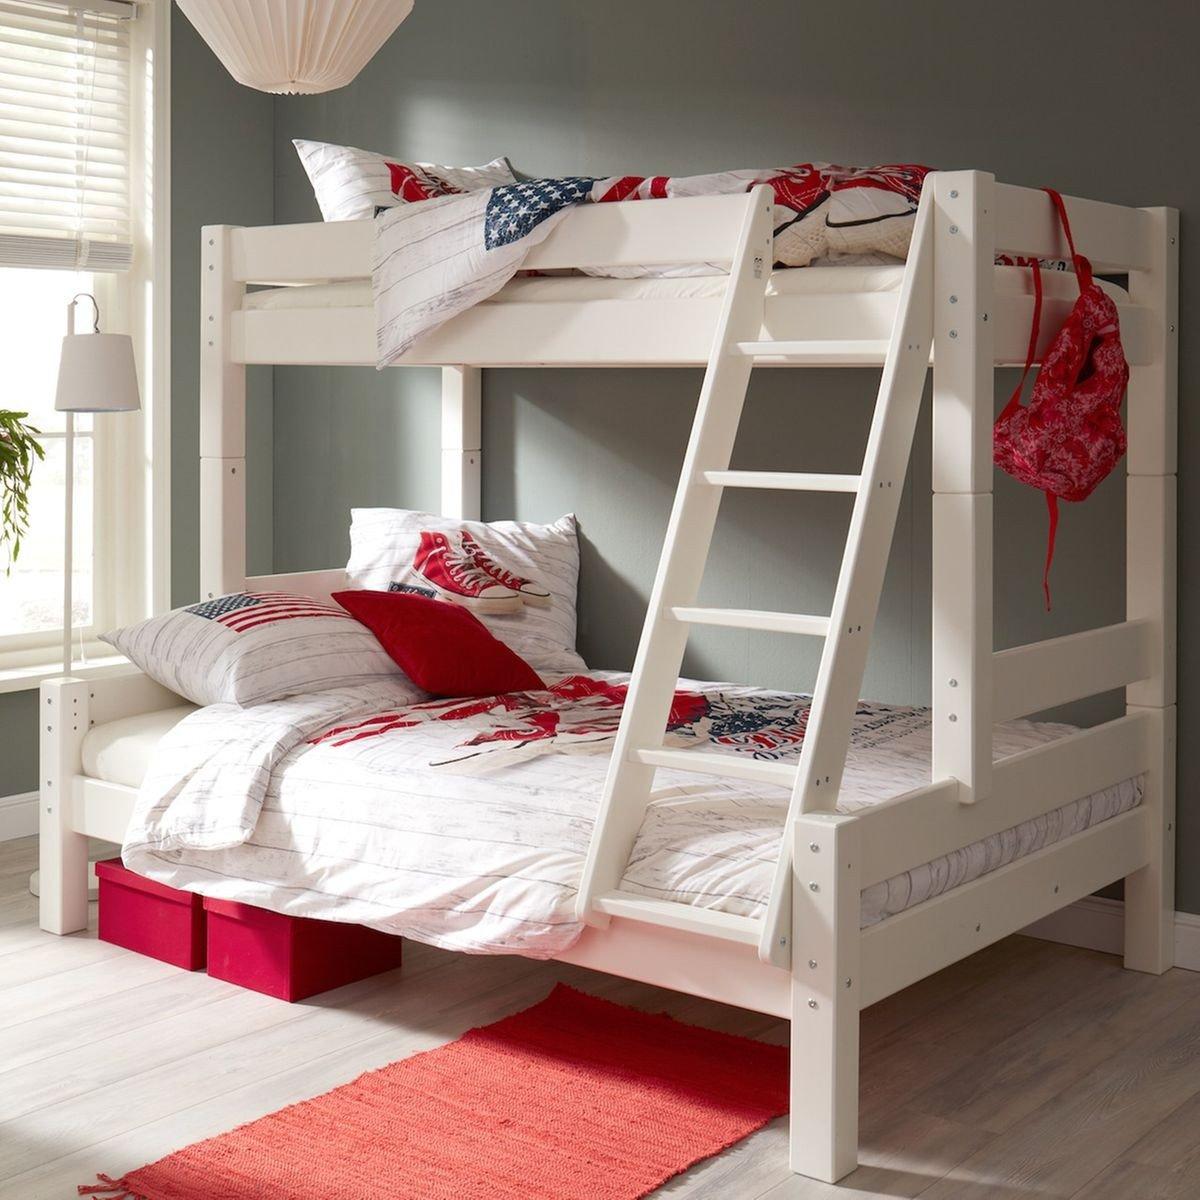 Двухъярусная детская кровать с лестницей